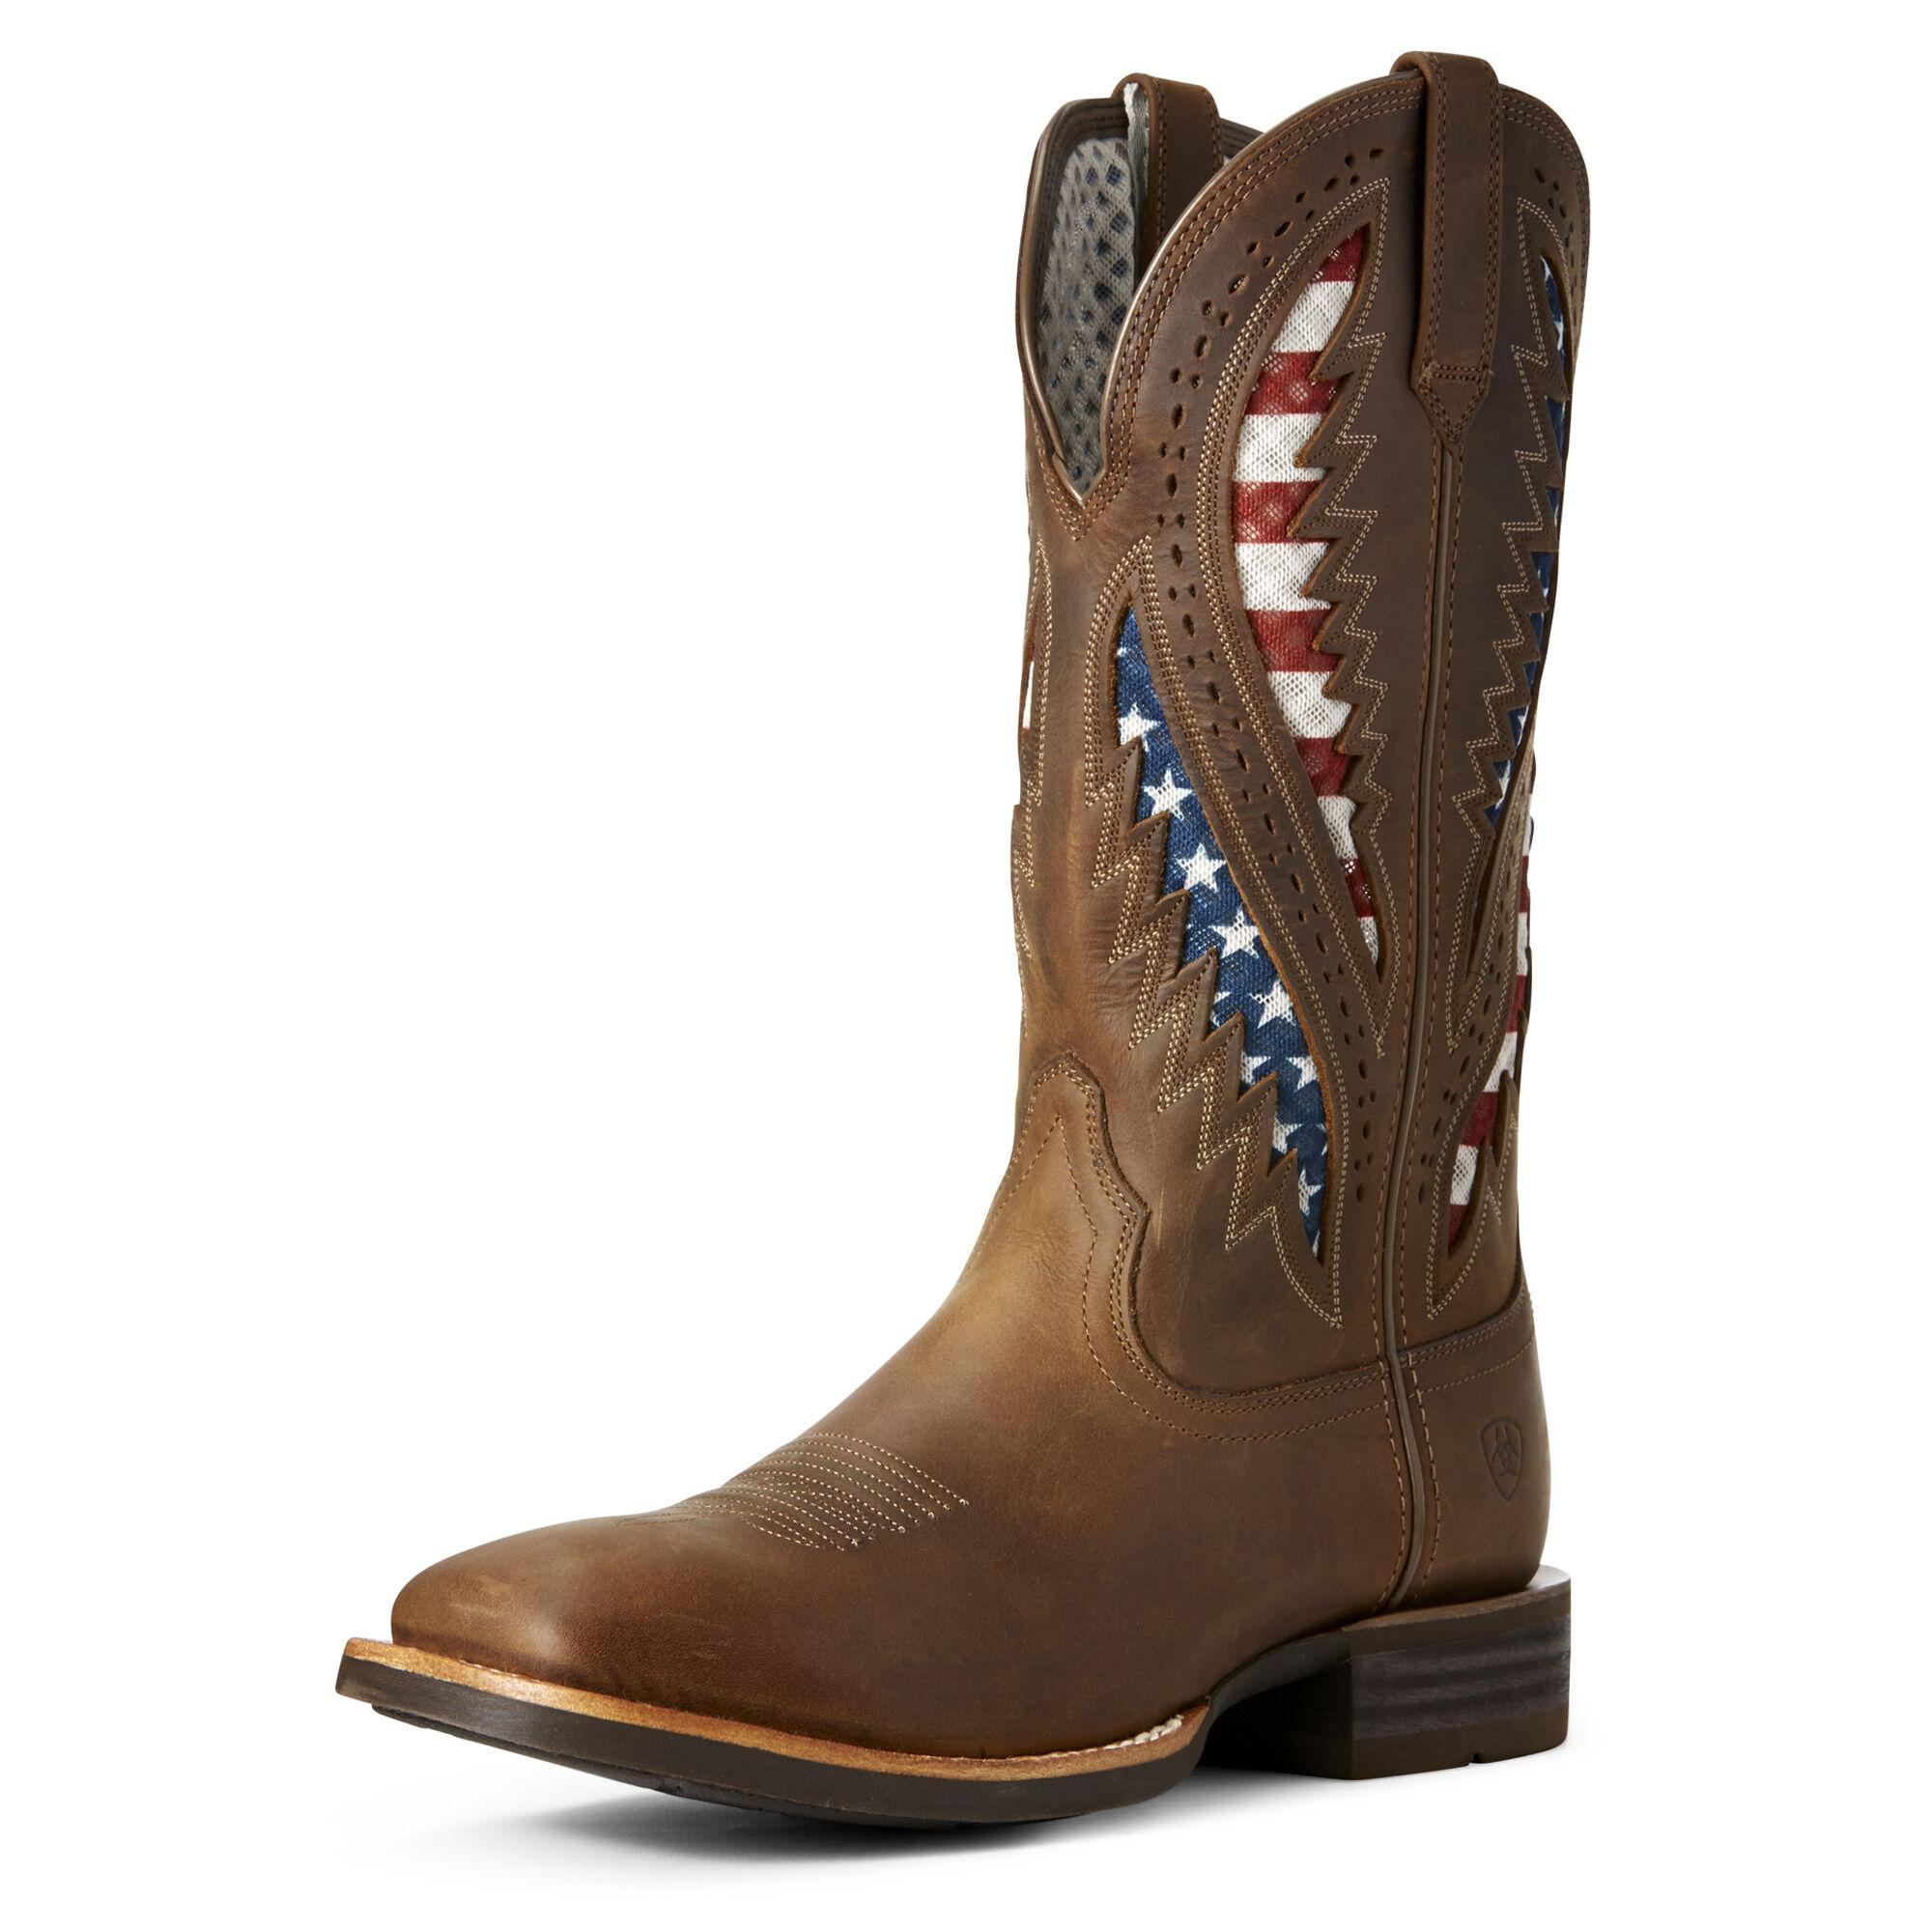 Quickdraw VentTEK Western Boot